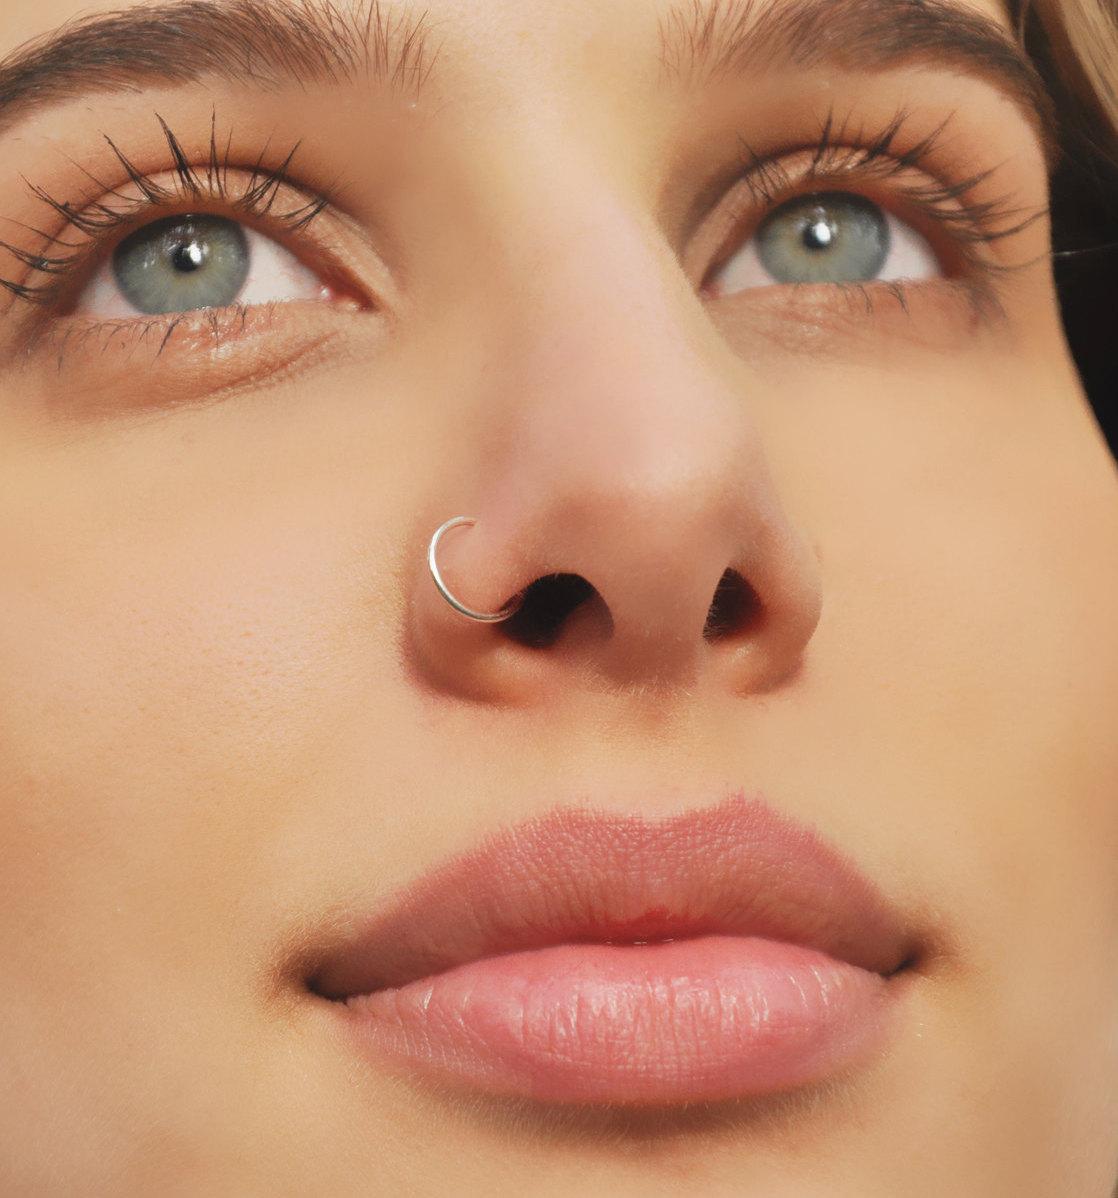 Девушки с кольцом в носу сбоку